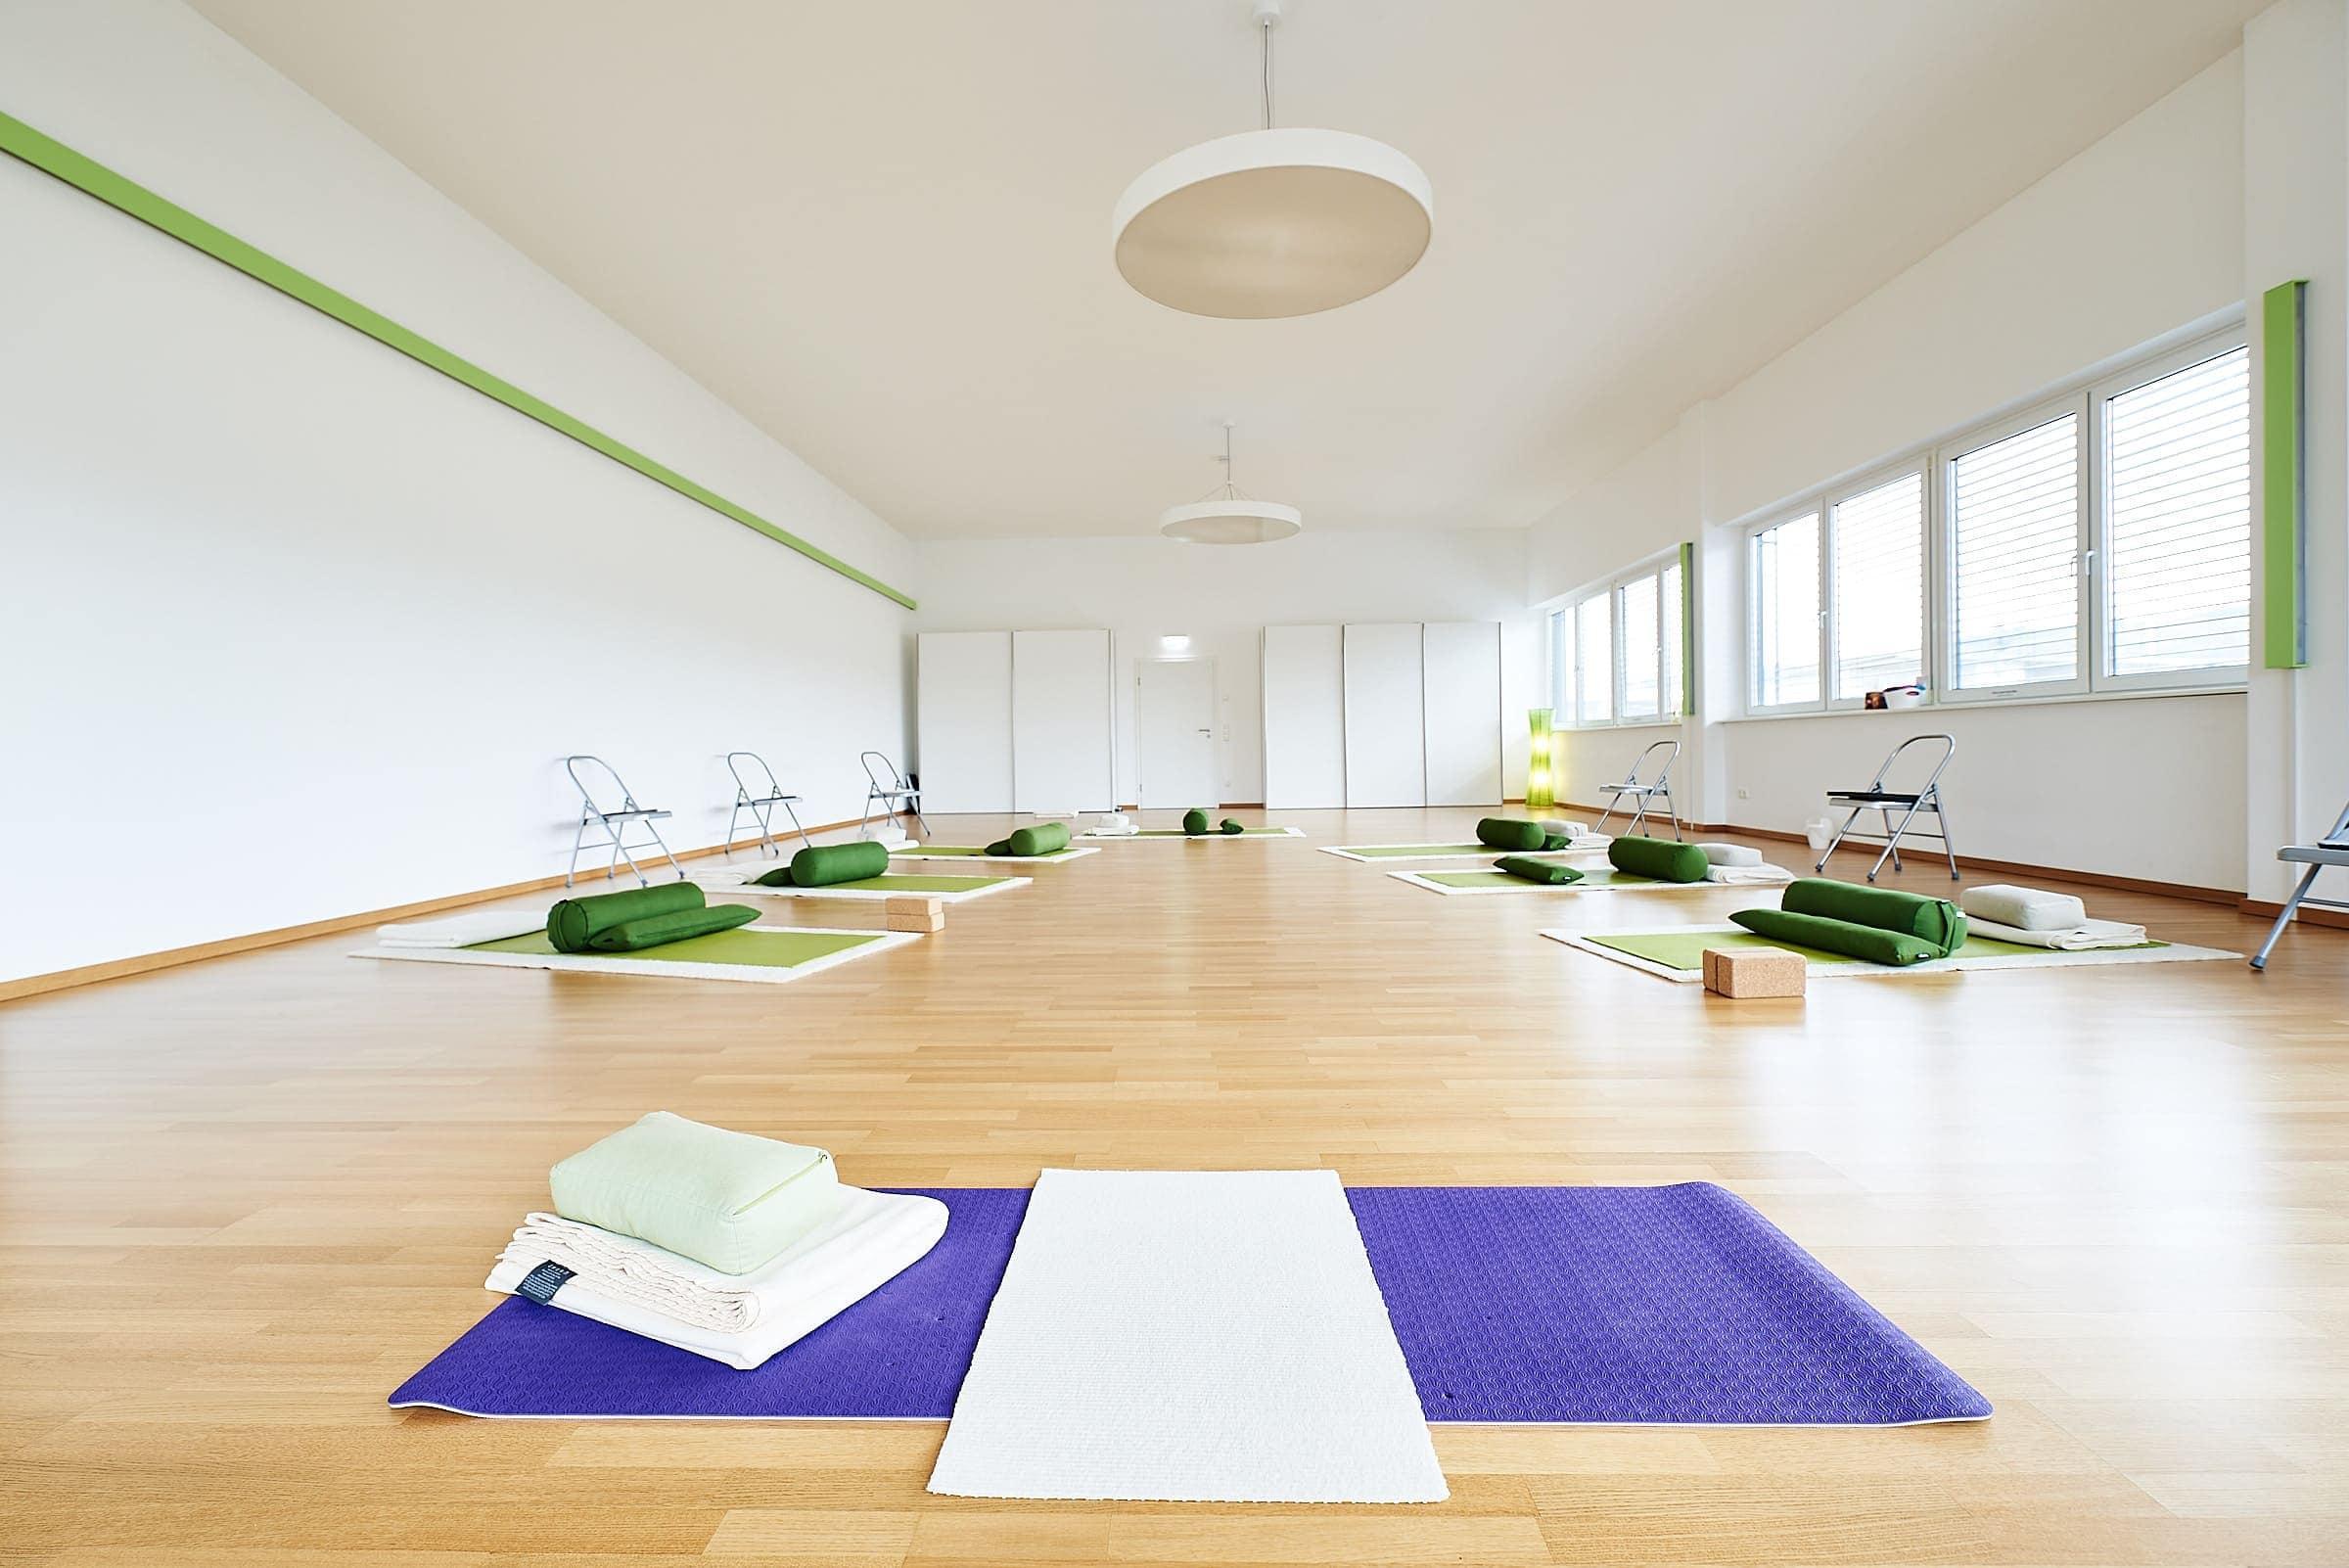 Innenaufnahme des Yogaraums im Weitwinkel